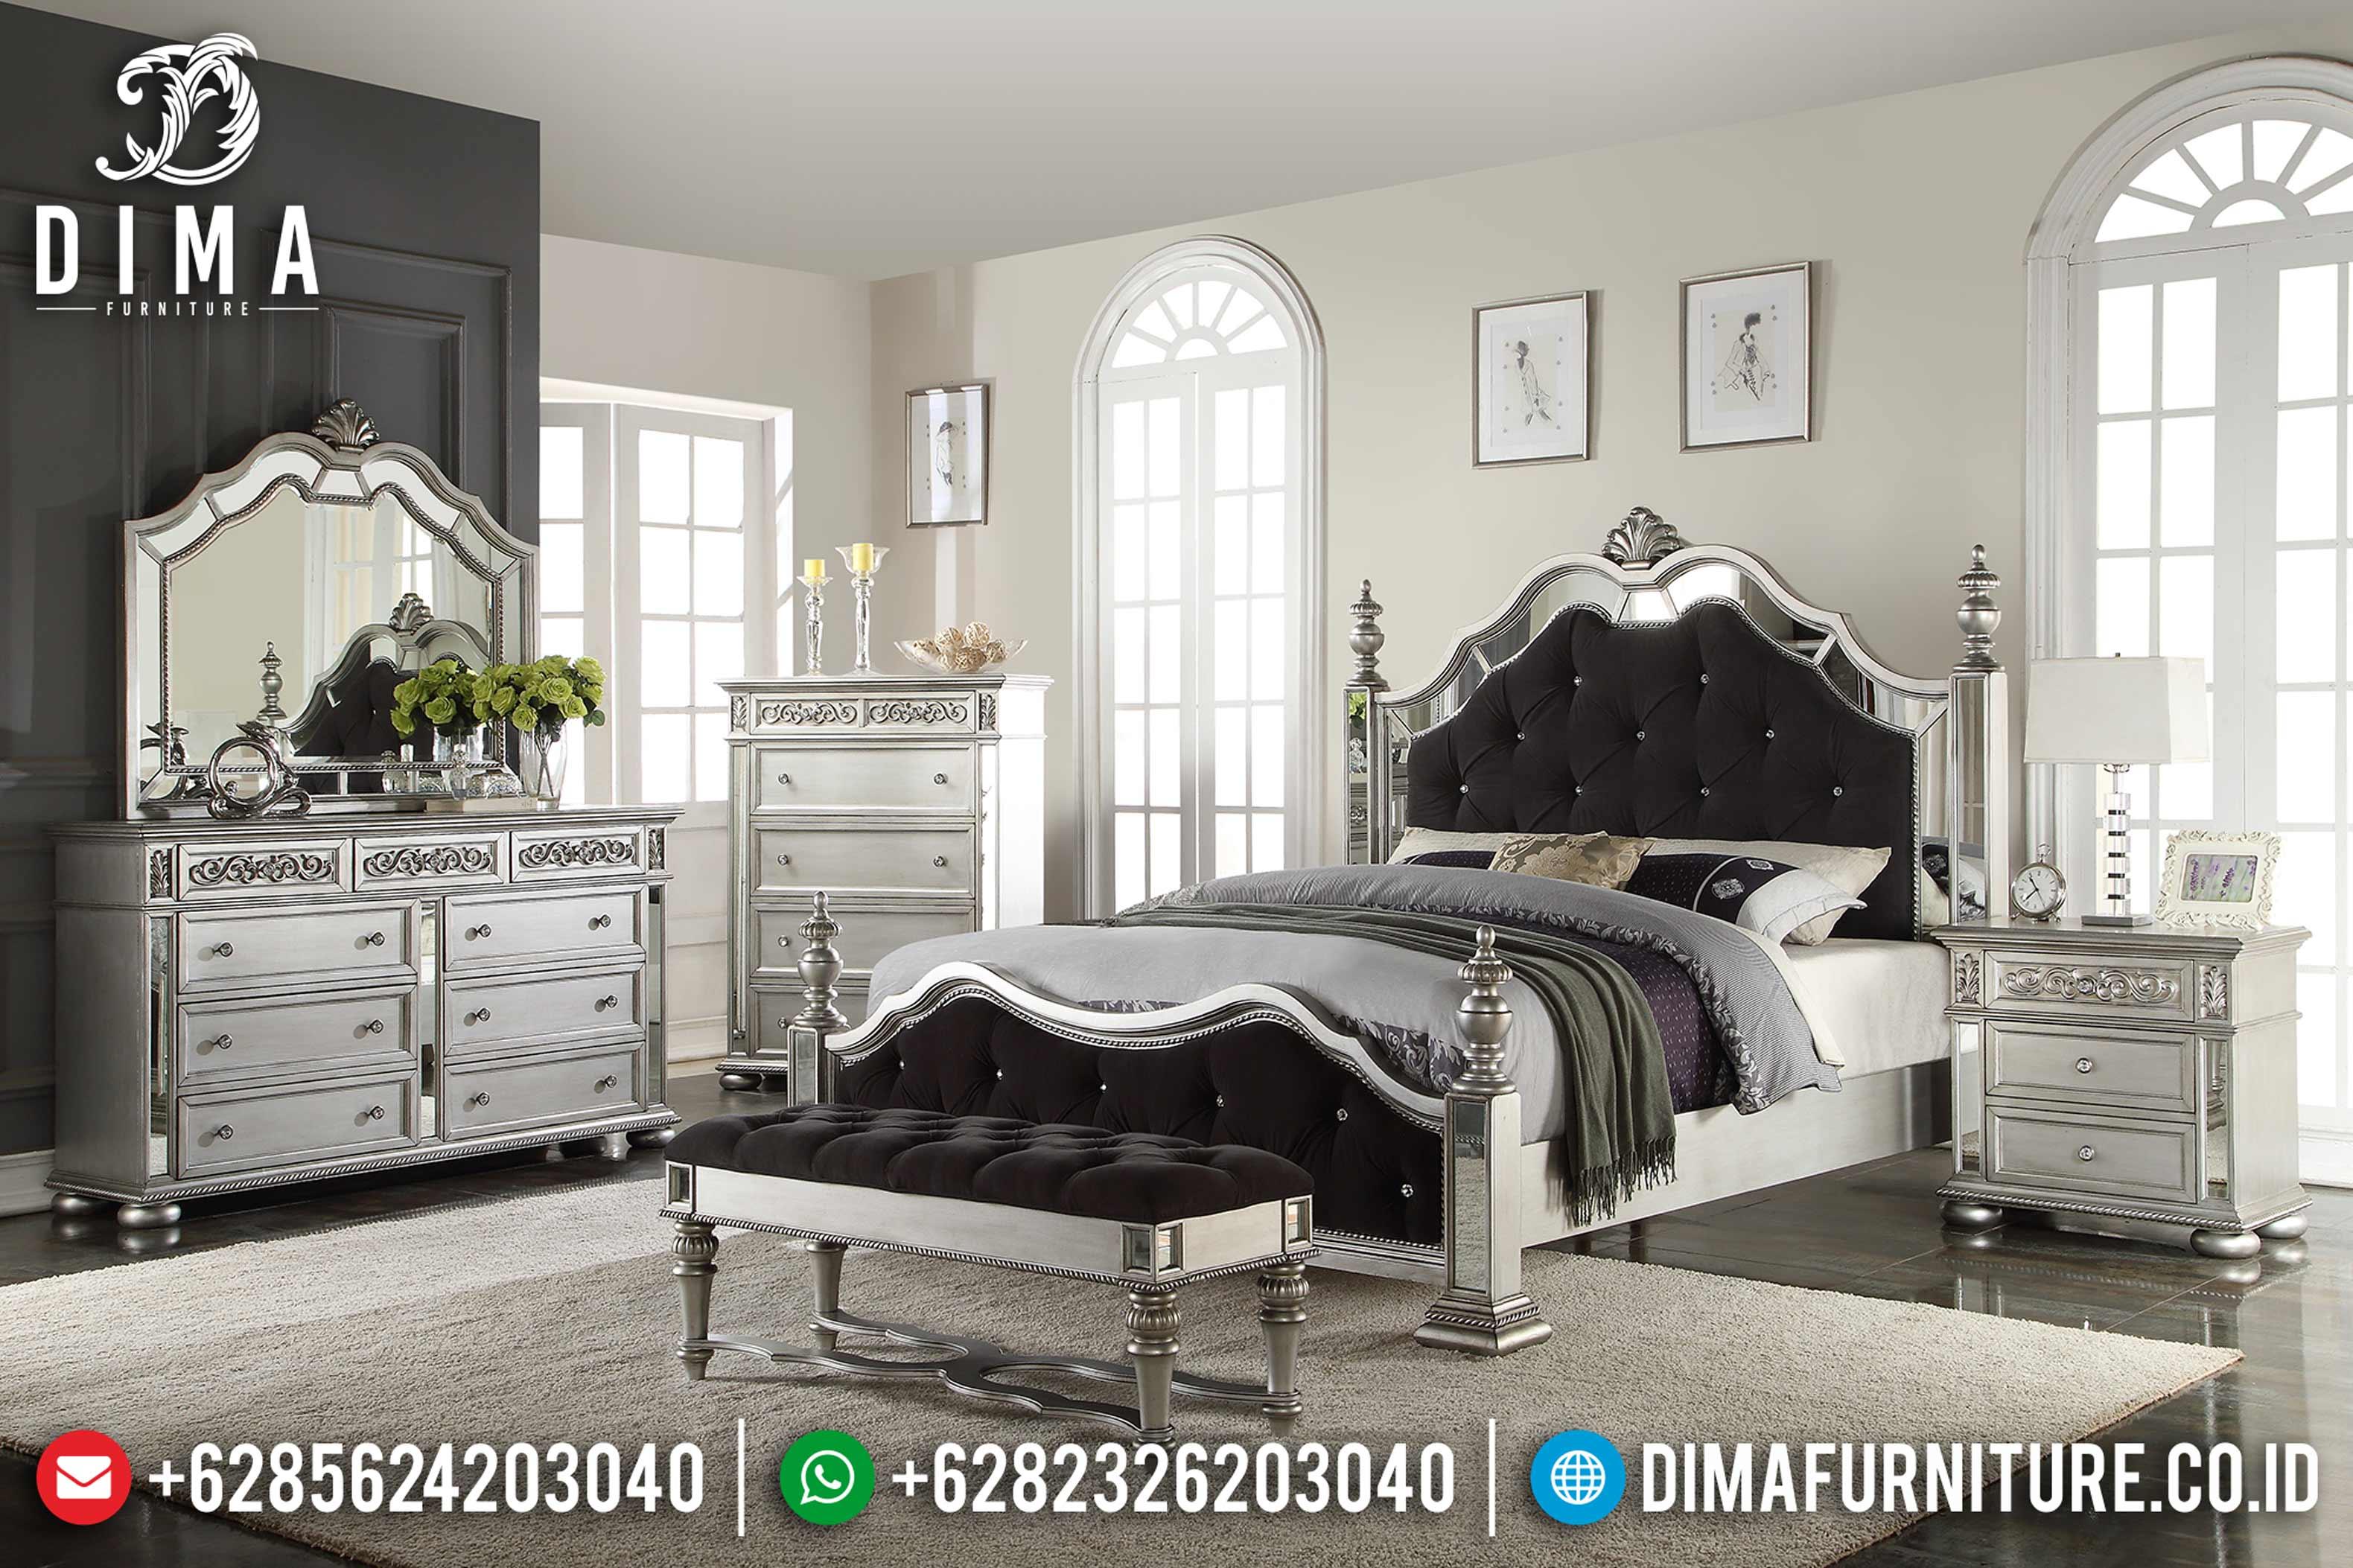 Jual Set Tempat Tidur Mewah Jepara Minimalis Mirror Duco Silver MMJ-0001